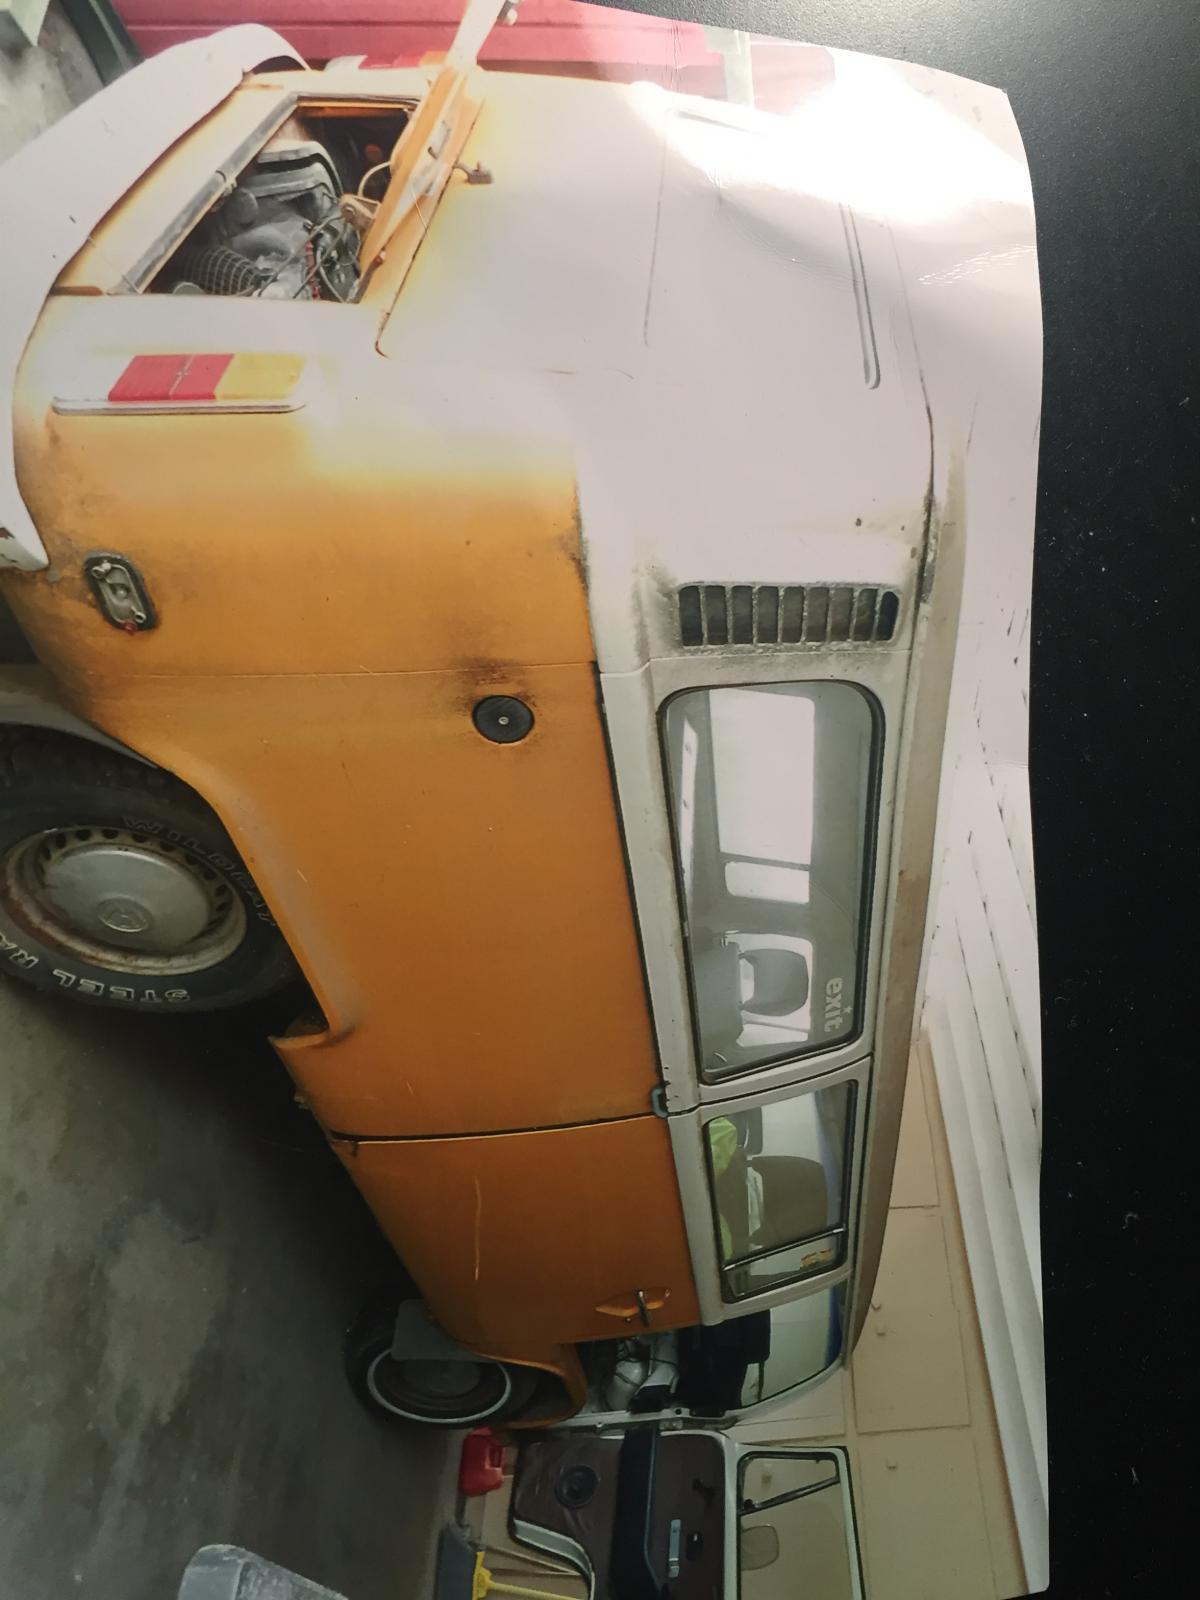 78 sunroof van stolen in san rafael